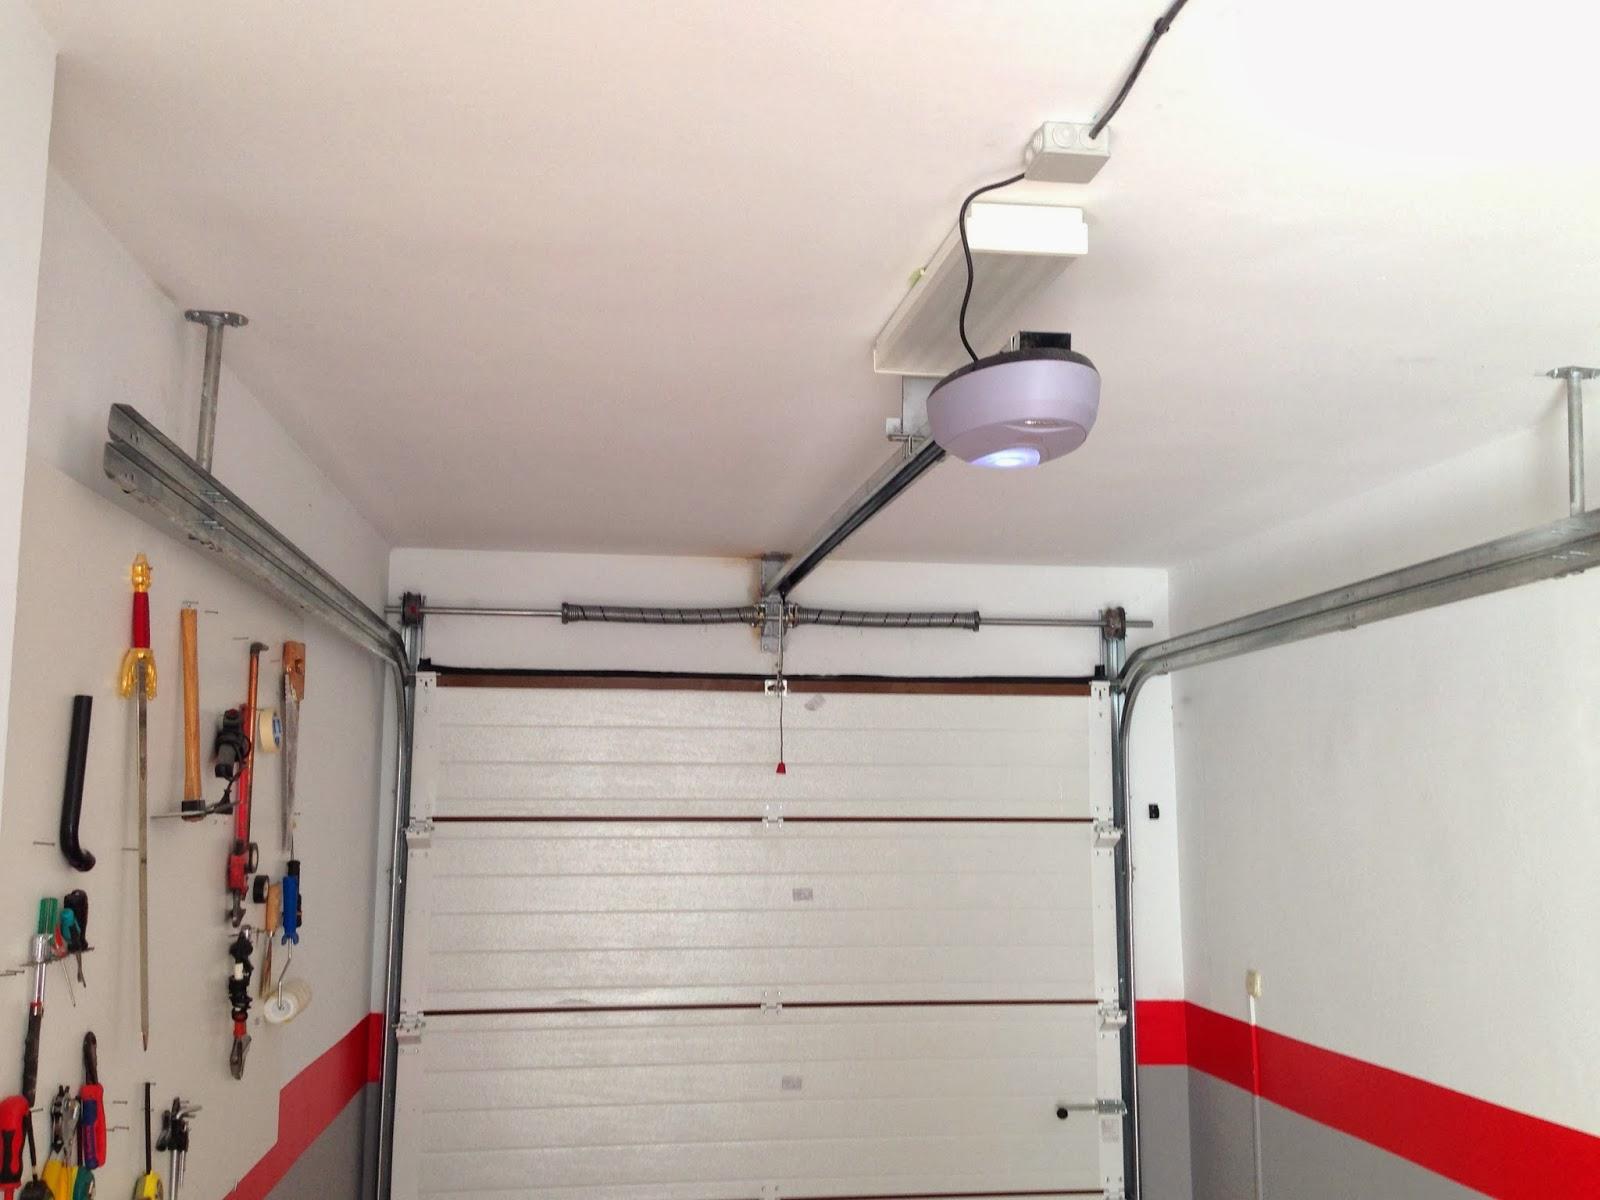 Noticias automateasy puertas seccionadas dinteles reducidos - Motor de puerta de garaje ...